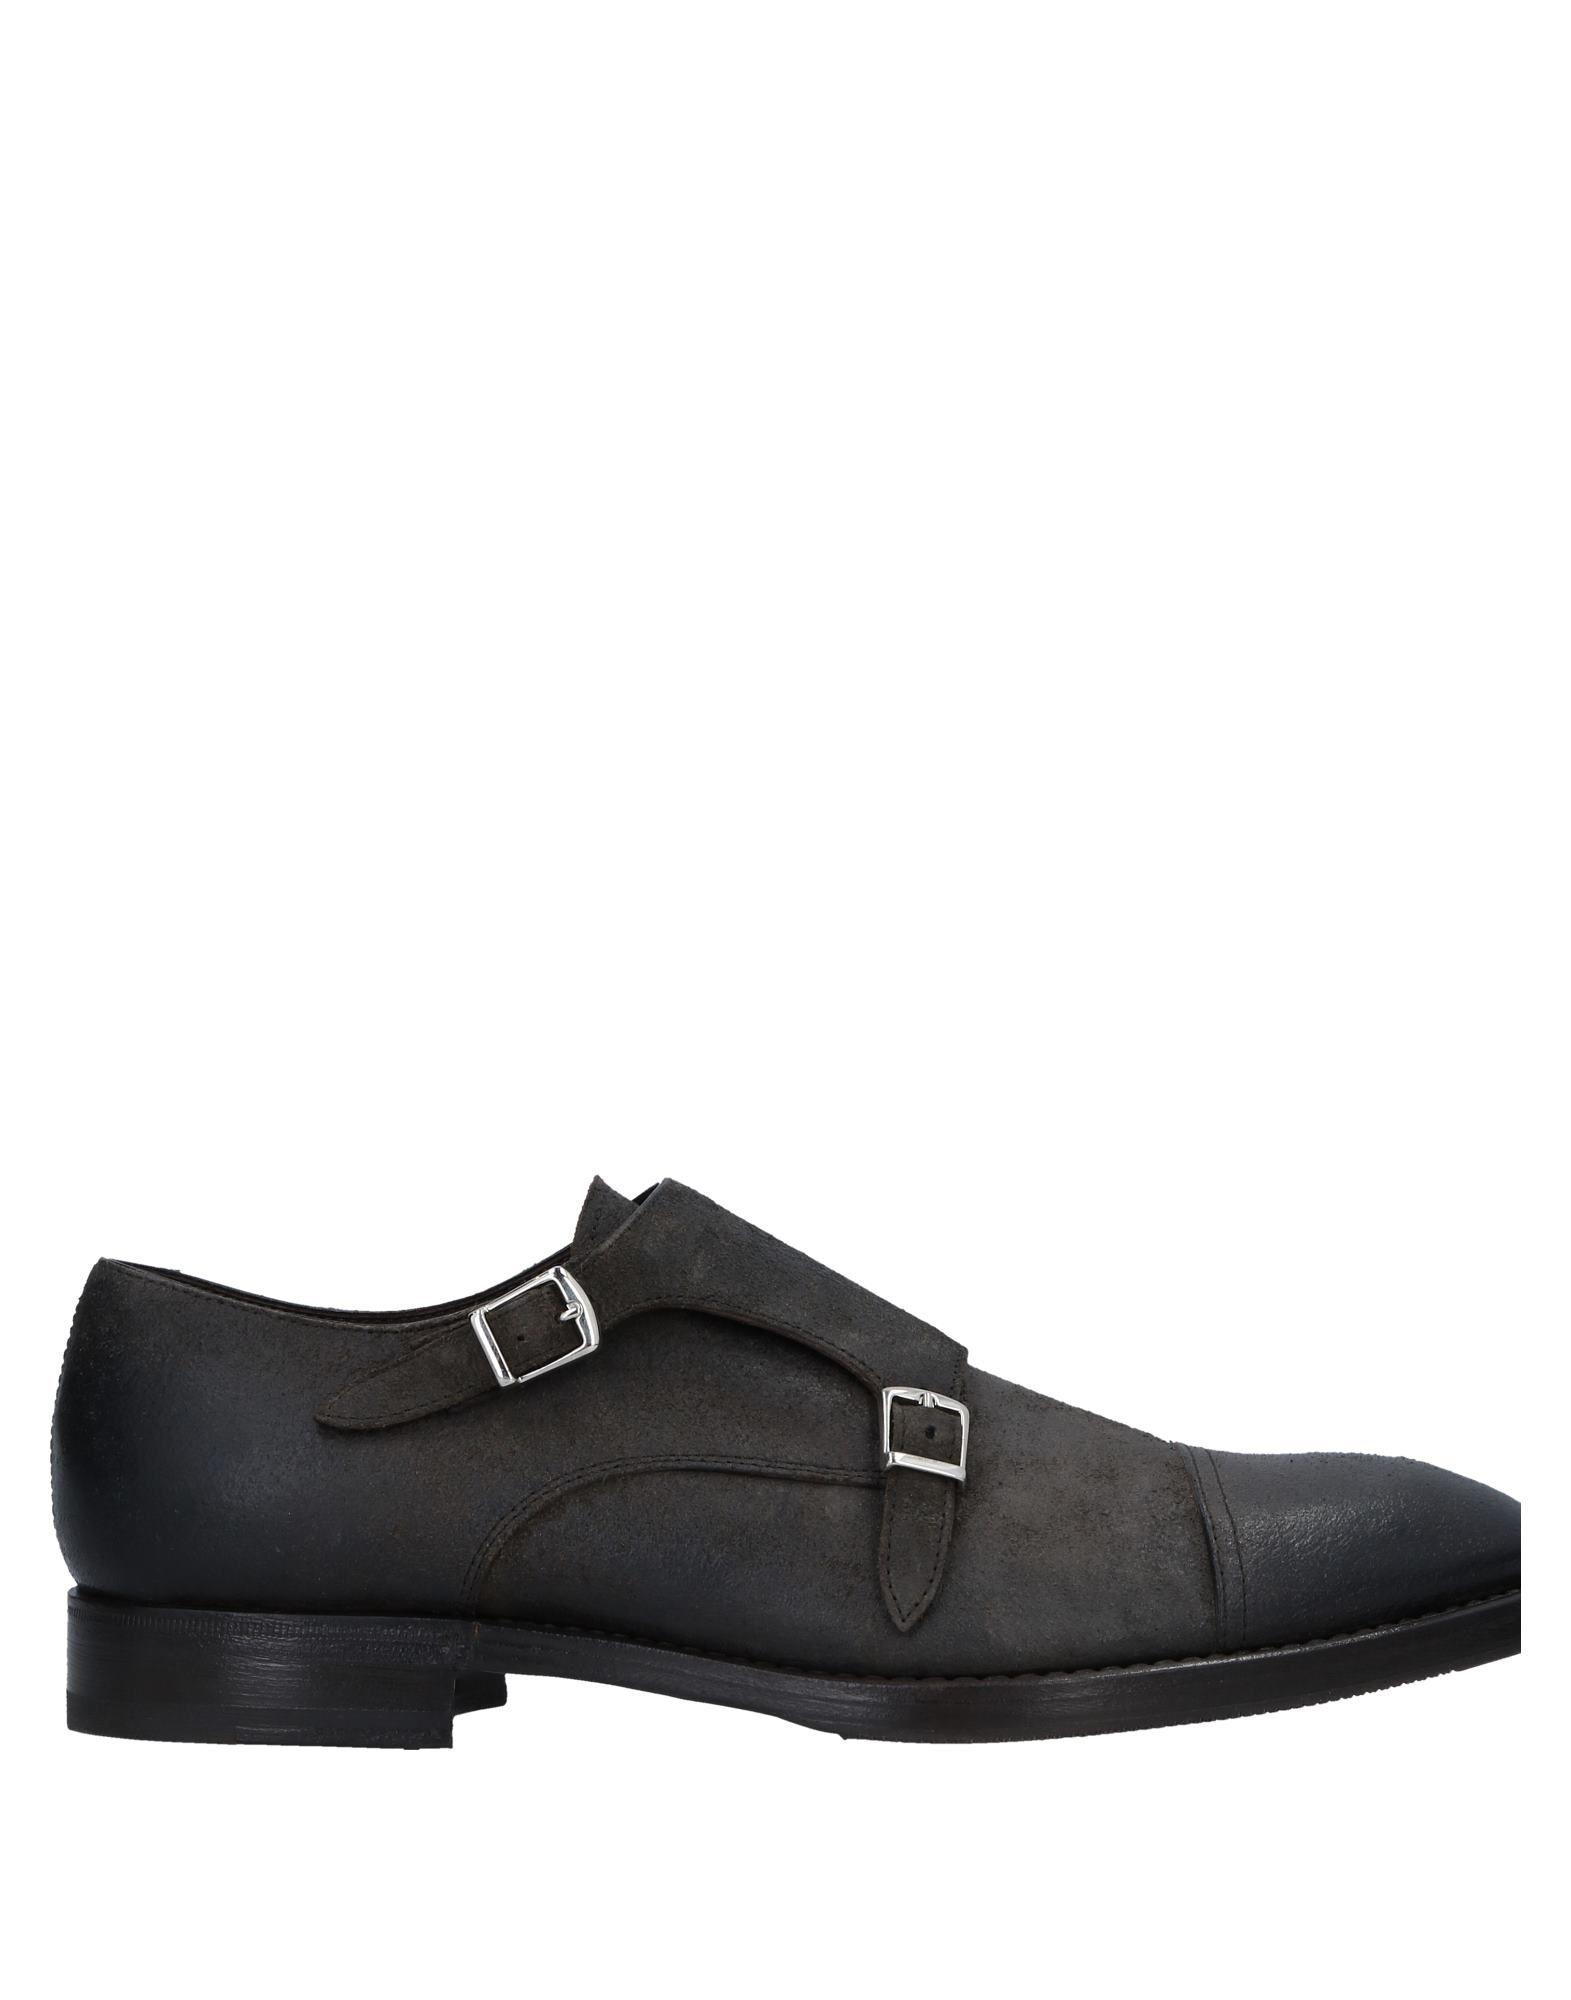 Henderson Mokassins Schuhe Damen  11533500GL Heiße Schuhe Mokassins 5cd111